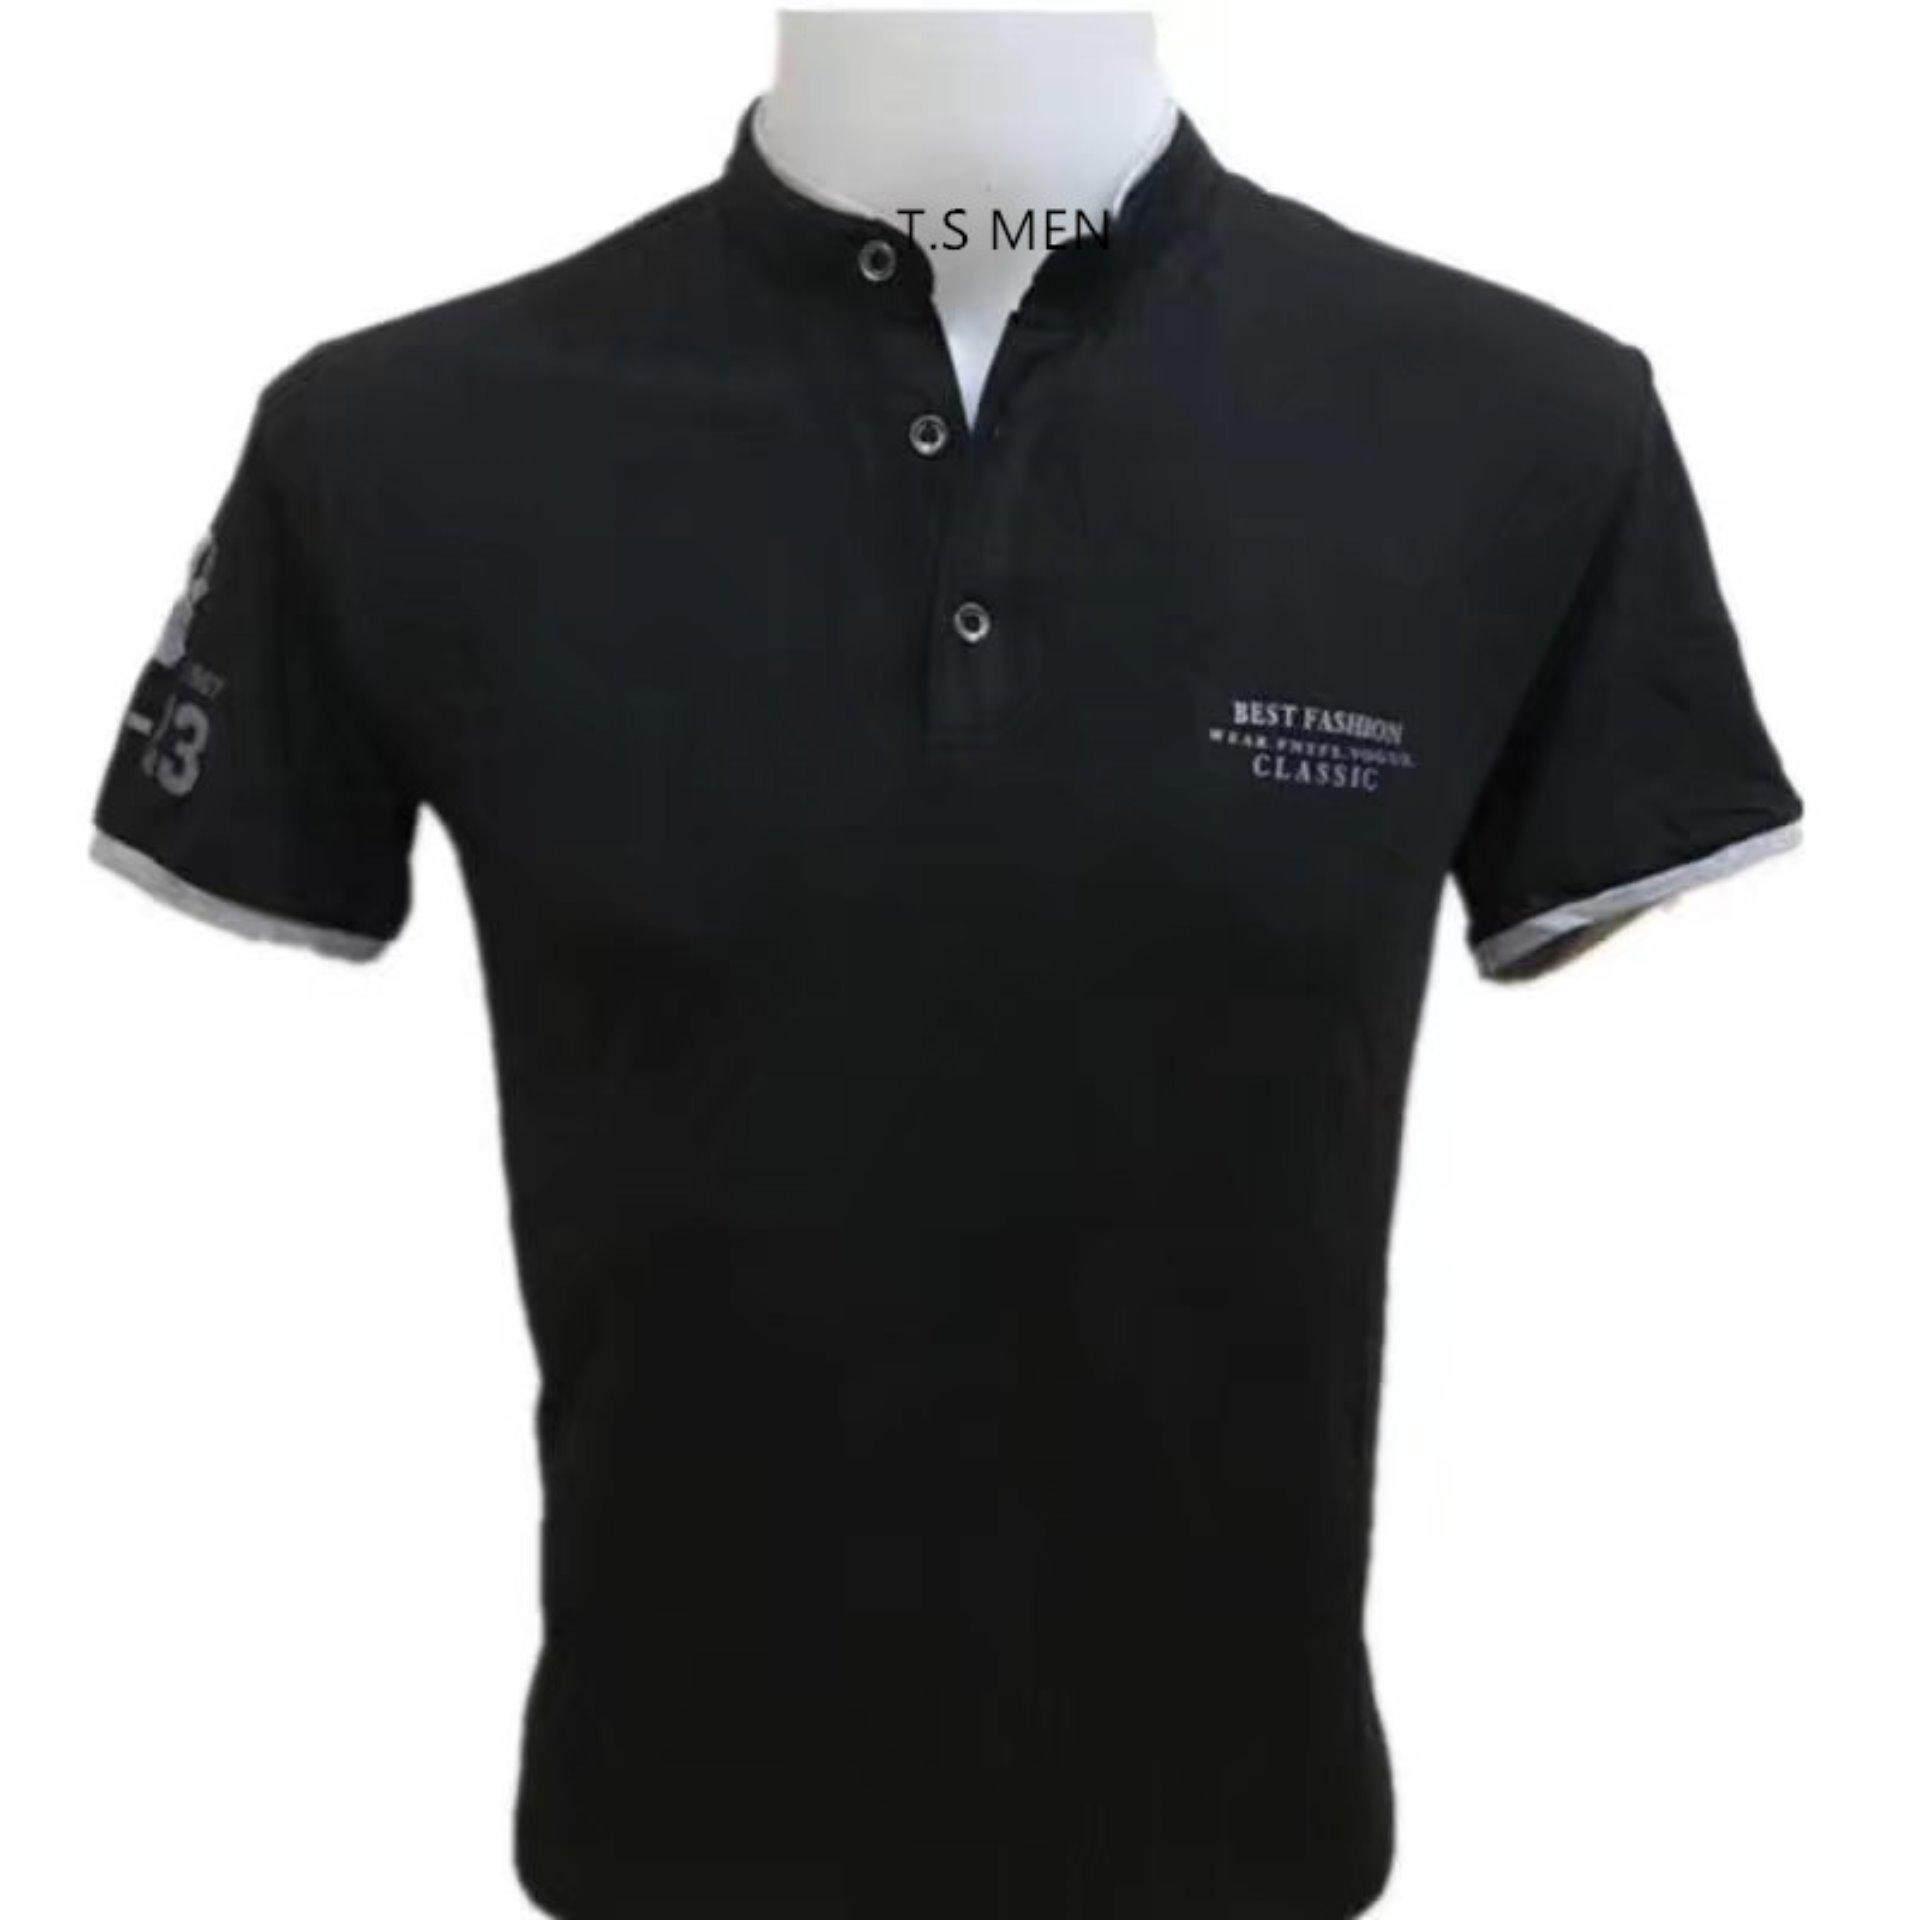 เสื้อยืดผู้ชายMen S T Shirtเสื้อยืดแฟชั่นผู้ชาย Polo Shirtเสื้อโปโล กรุงเทพมหานคร